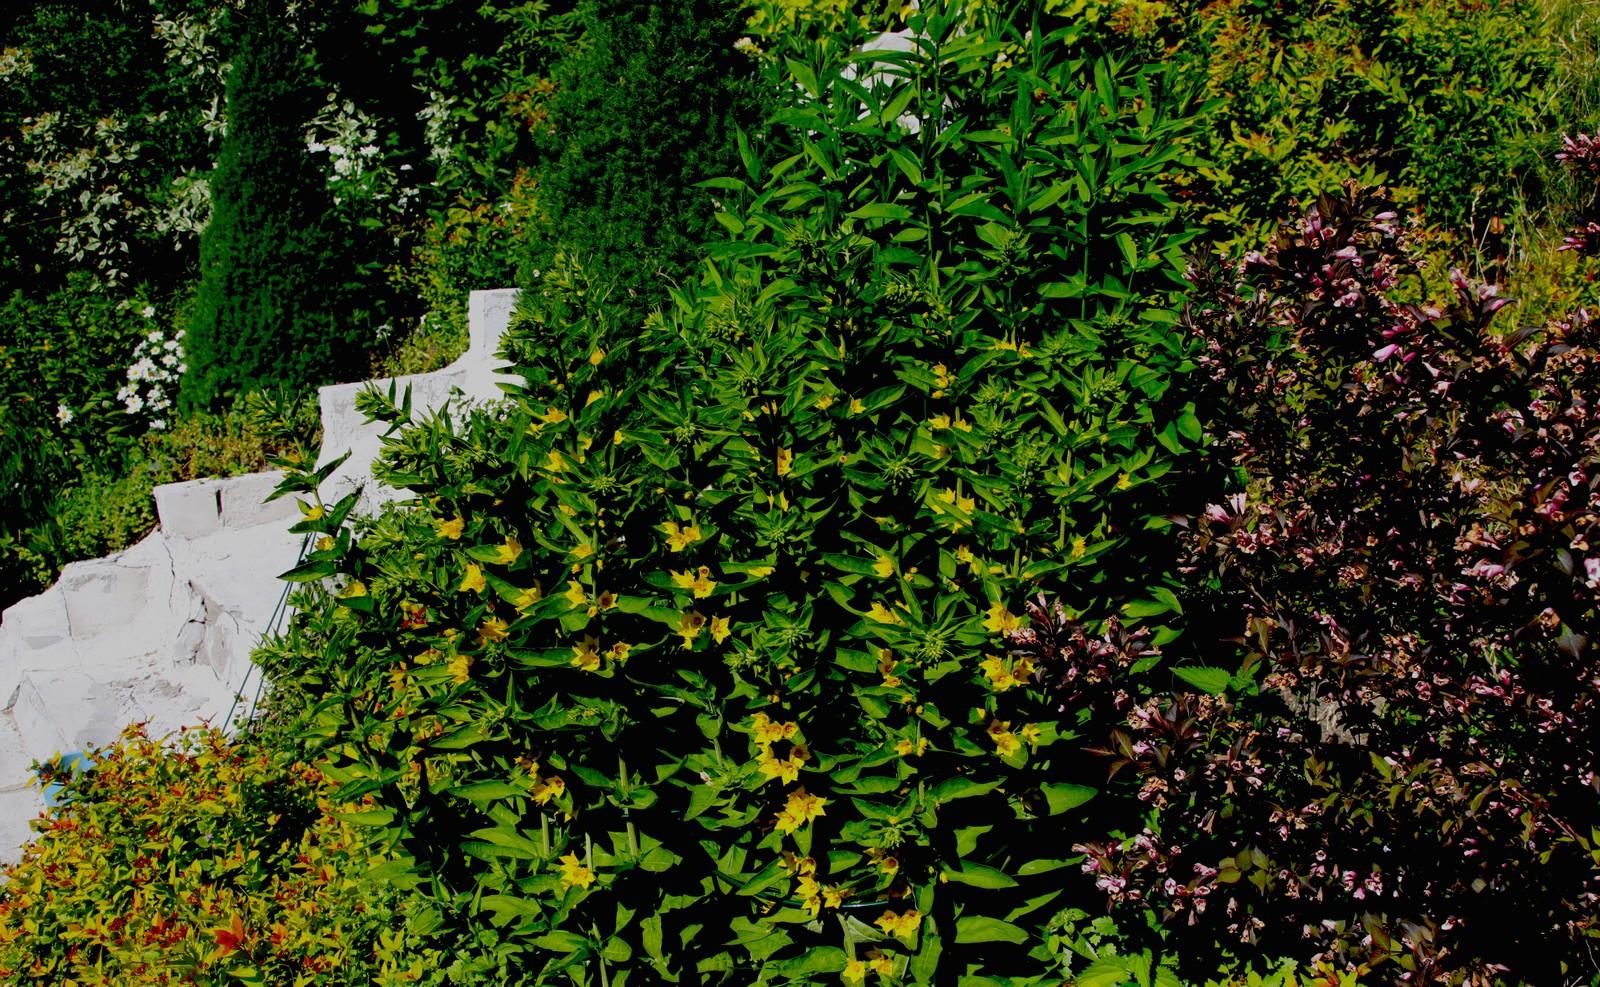 Trapper og stier knytter sammen hagen.